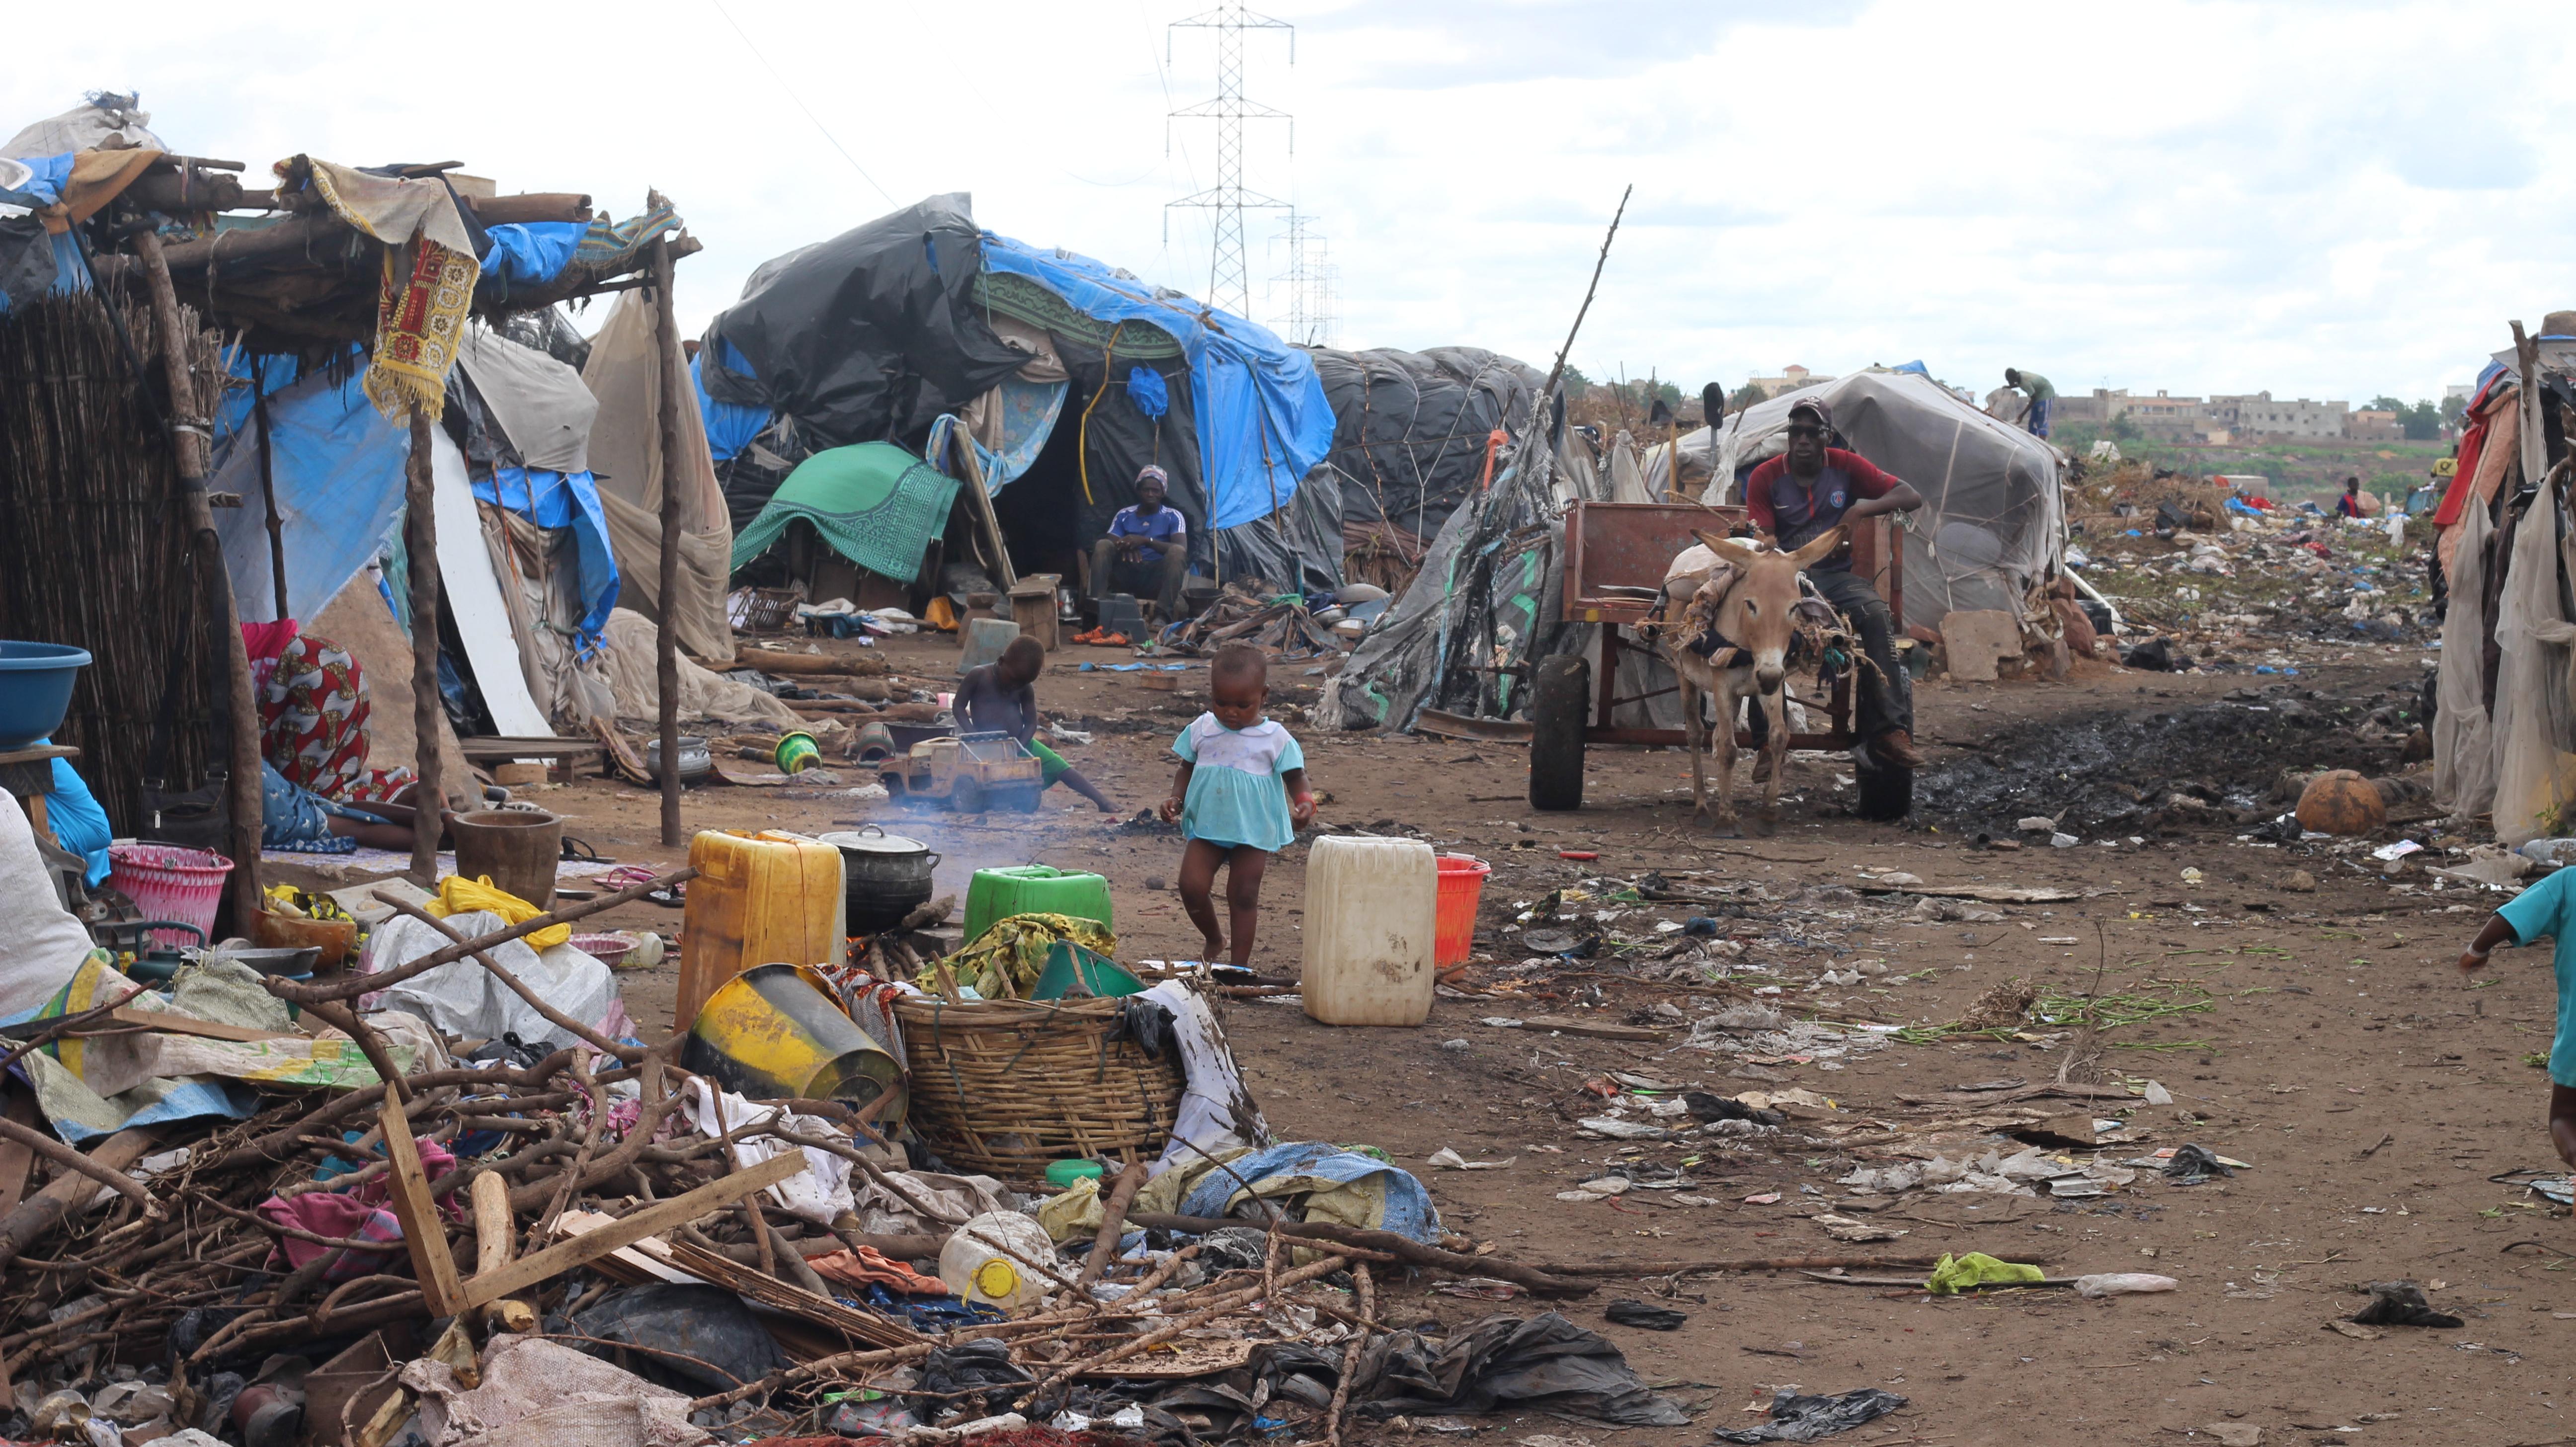 Visita al campamento de personas desplazadas de Faladie – Sema. 08/08/2019